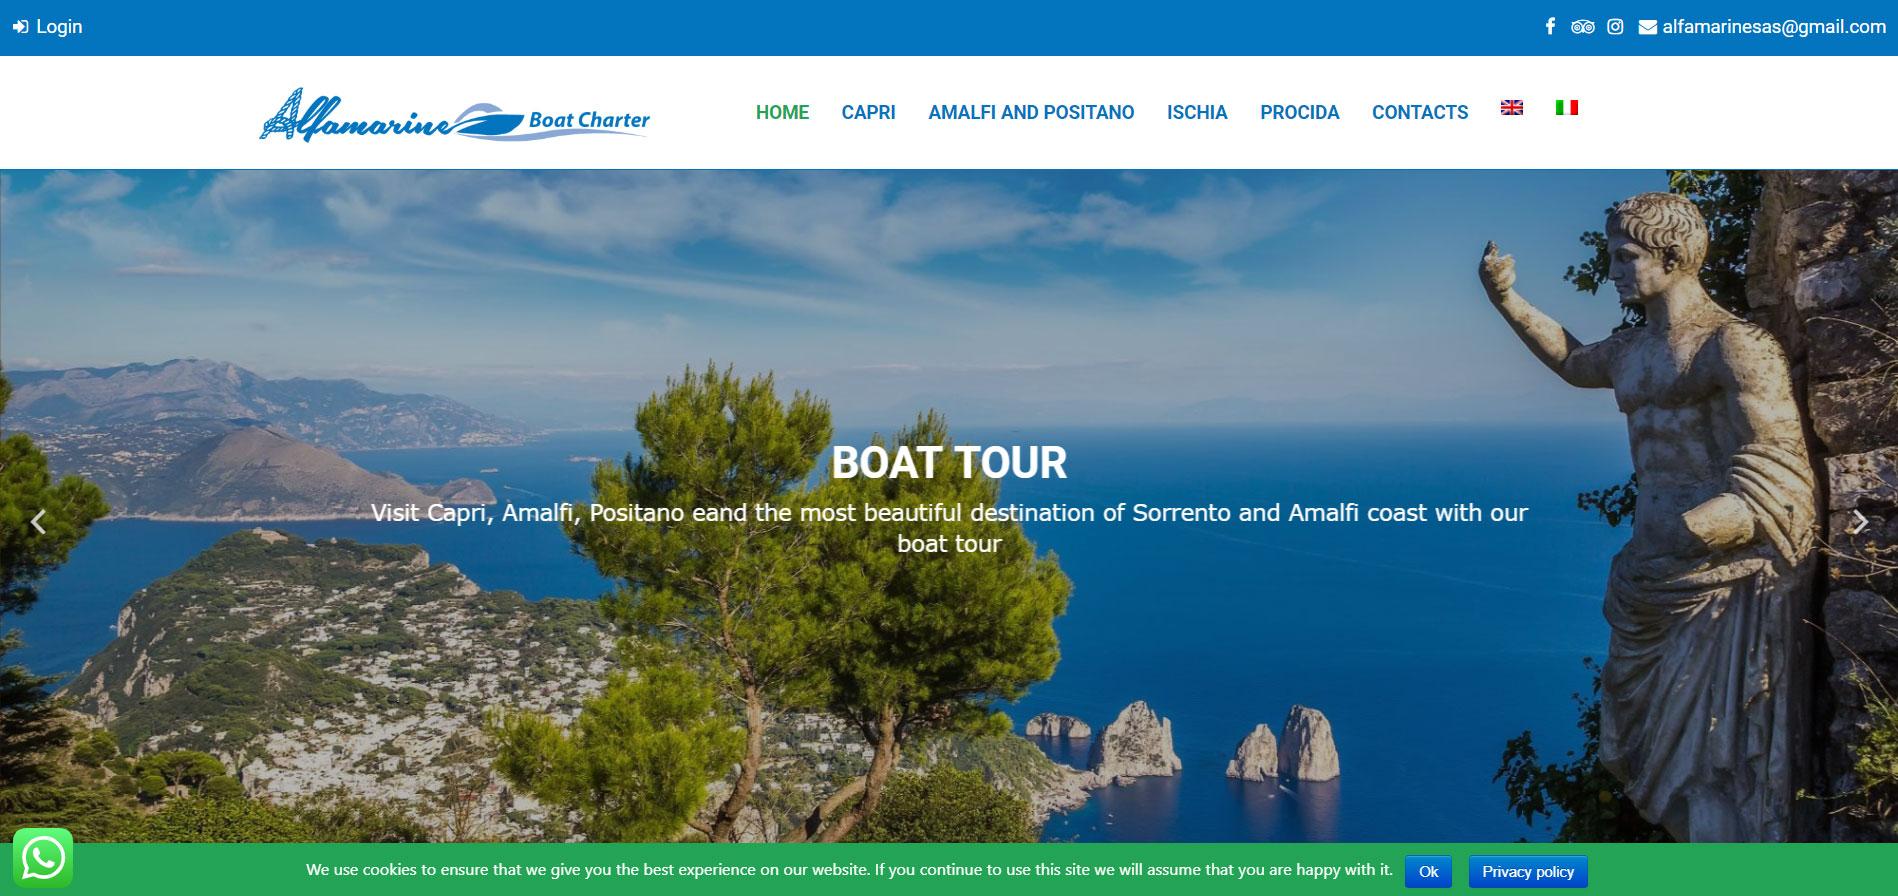 zoomart.net-realizzazione-sito-web-alfamarinecharter-web-agency-napoli-siti-web-sorrento